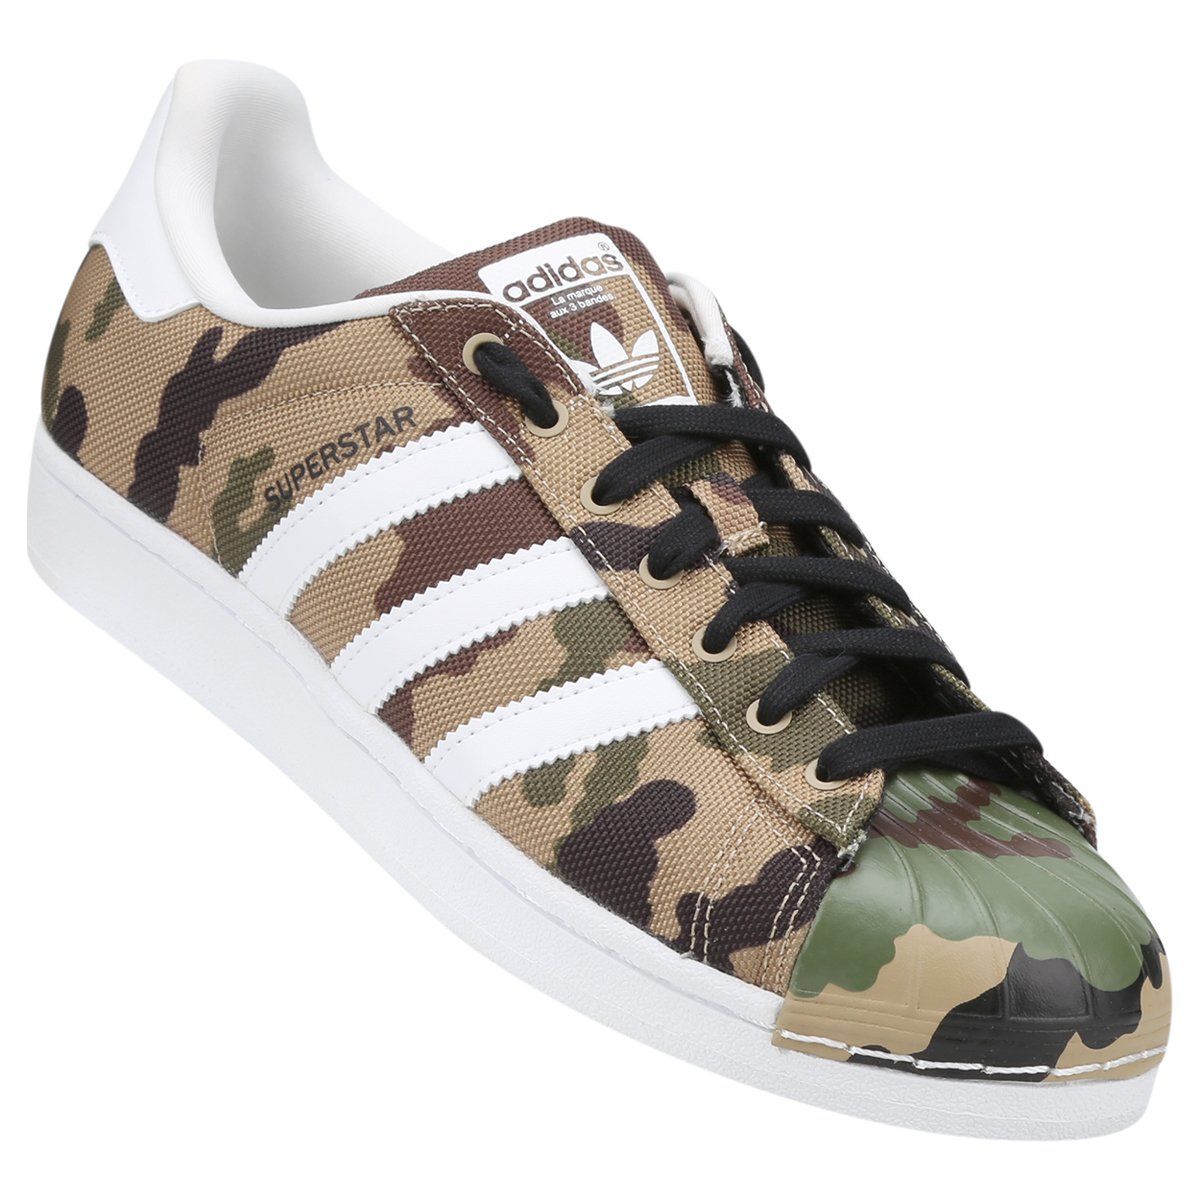 Tênis Adidas Superstar Toe Pack - Compre Agora  0603fc65d46cc